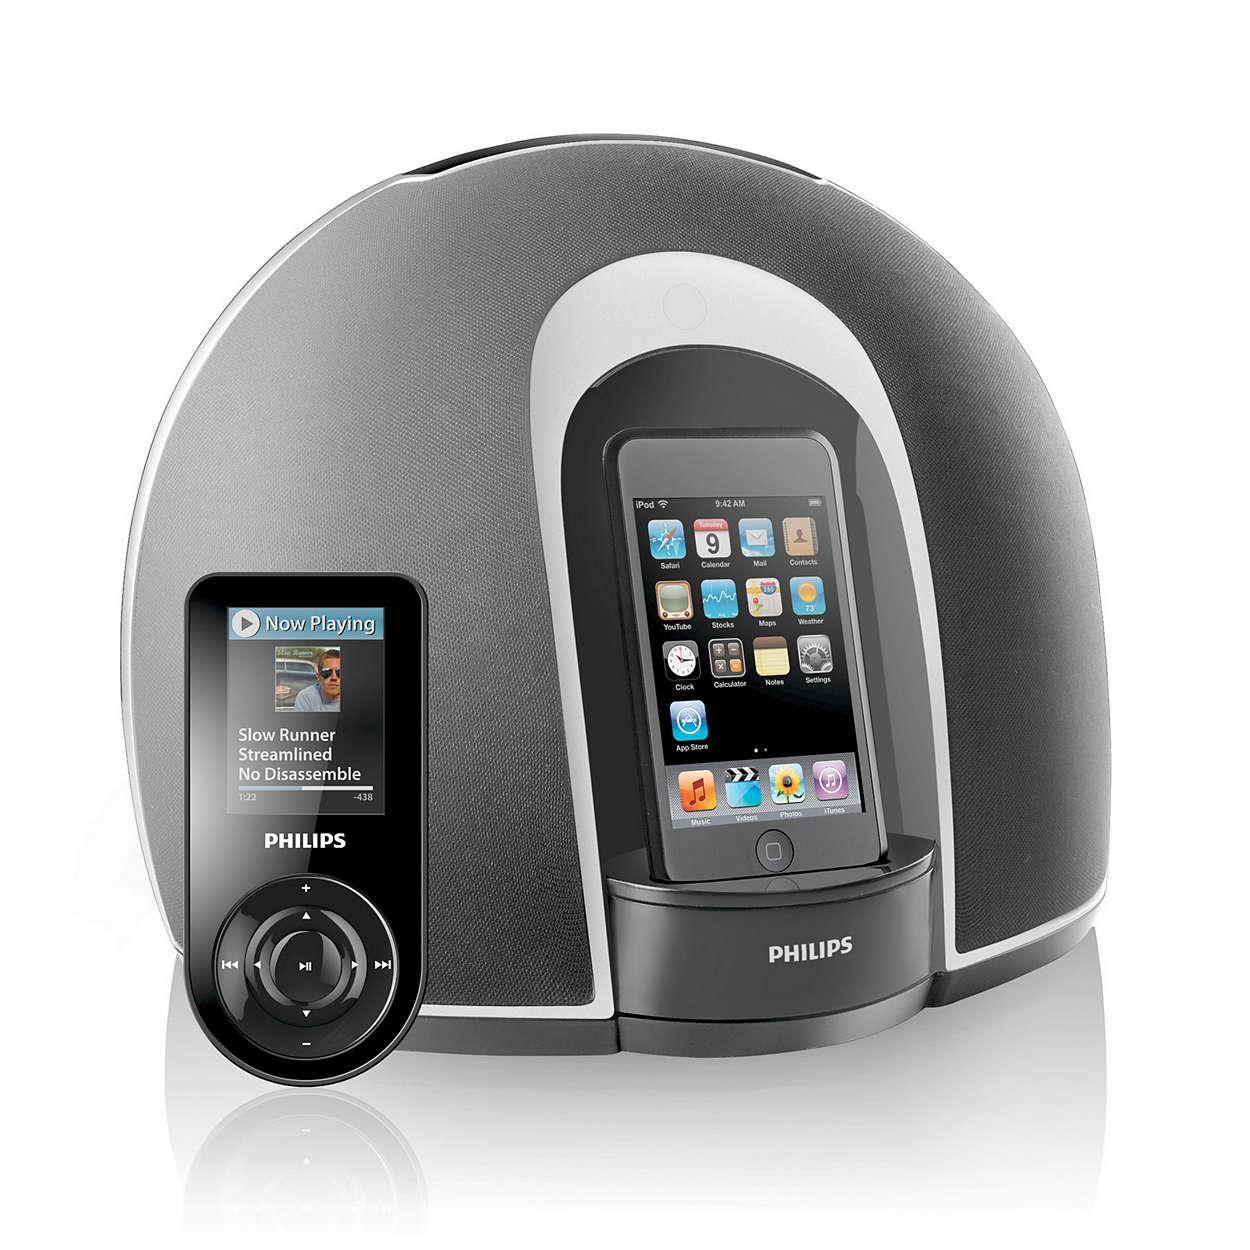 Bucuraţi-vă de iPod cu sunet stereo şi control